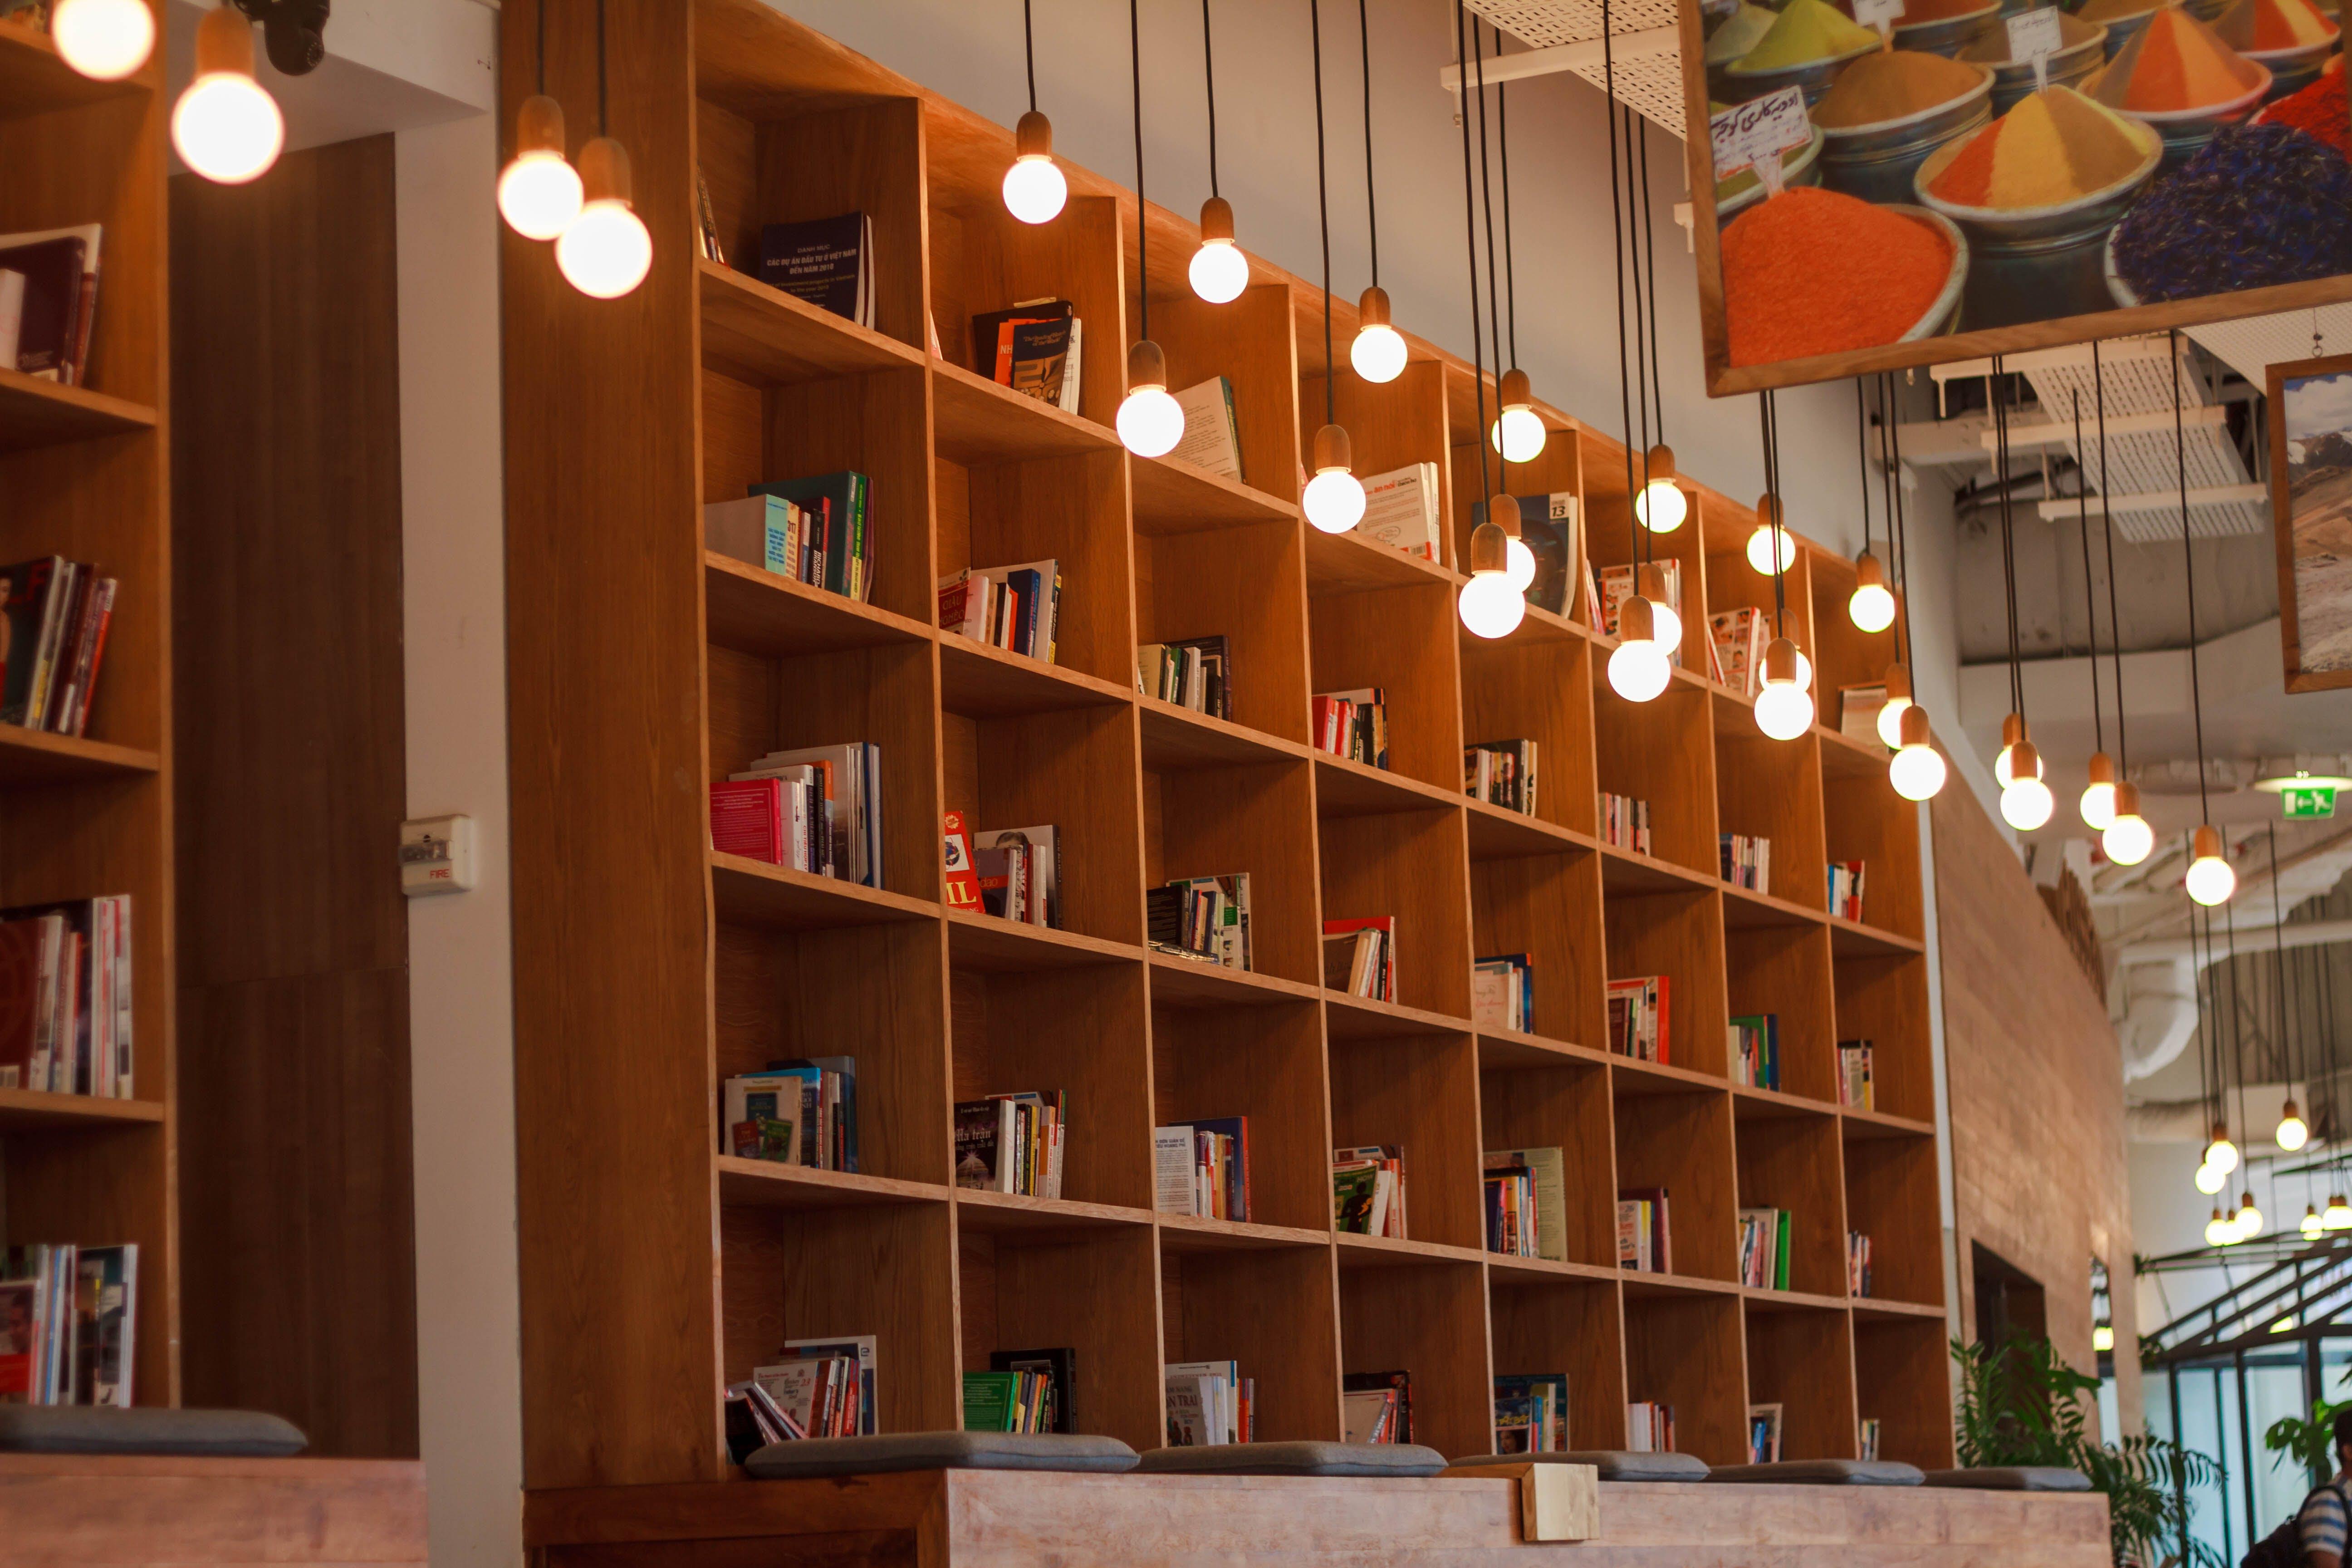 Books Inside Bookshelf Near Lit Pendant Lights